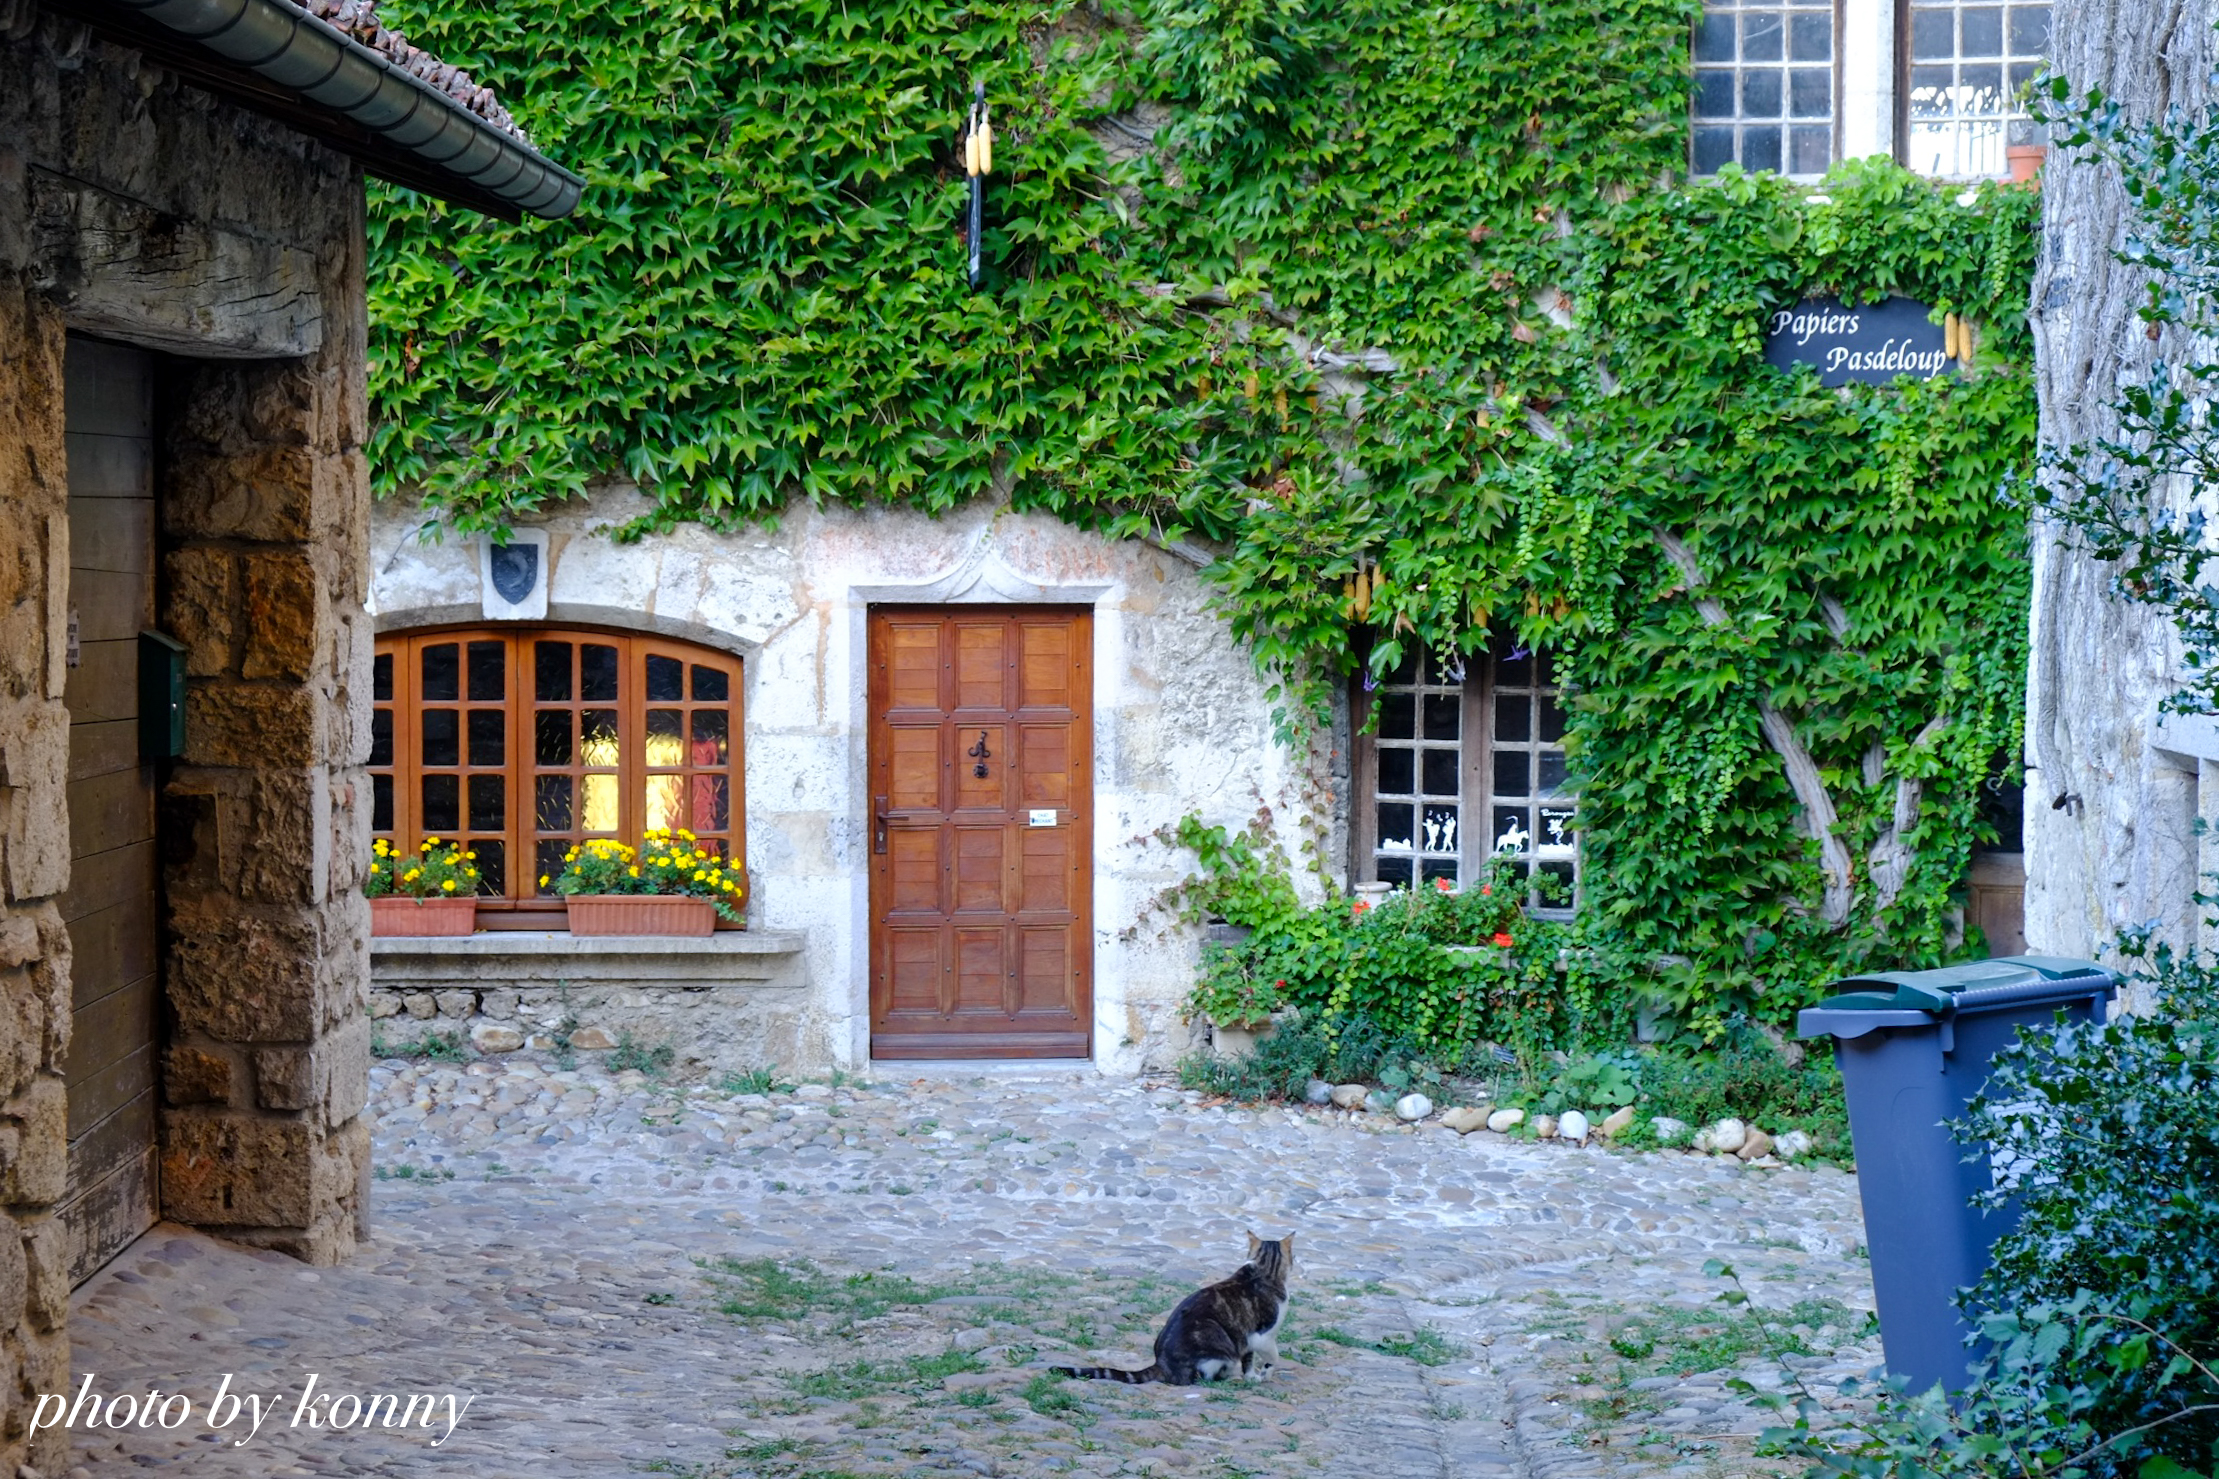 フランス 最も美しい村 ペルージュ